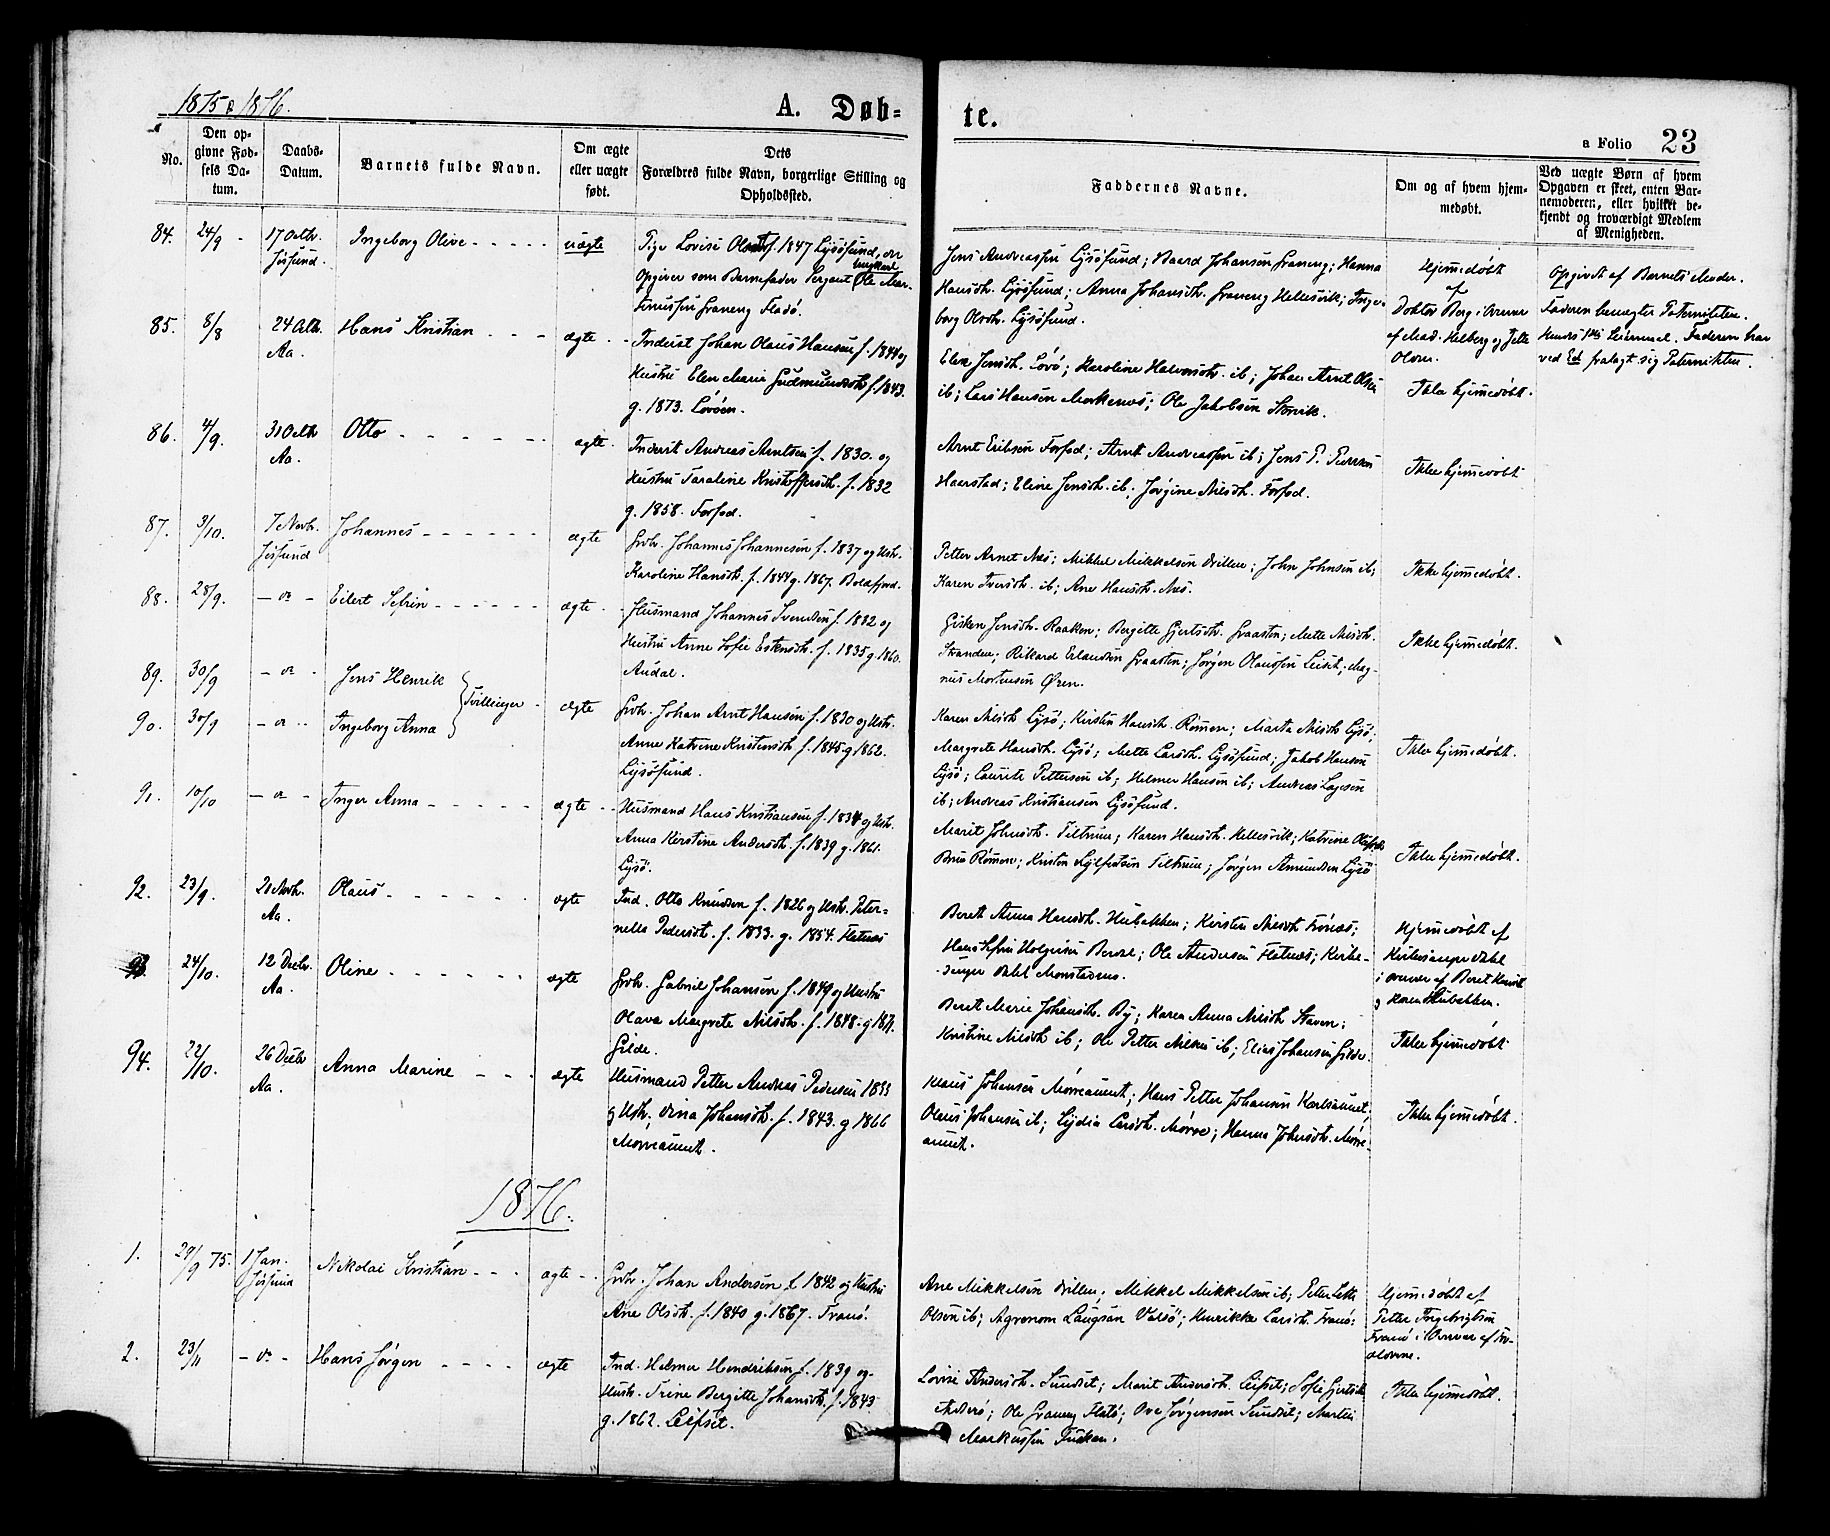 SAT, Ministerialprotokoller, klokkerbøker og fødselsregistre - Sør-Trøndelag, 655/L0679: Ministerialbok nr. 655A08, 1873-1879, s. 23